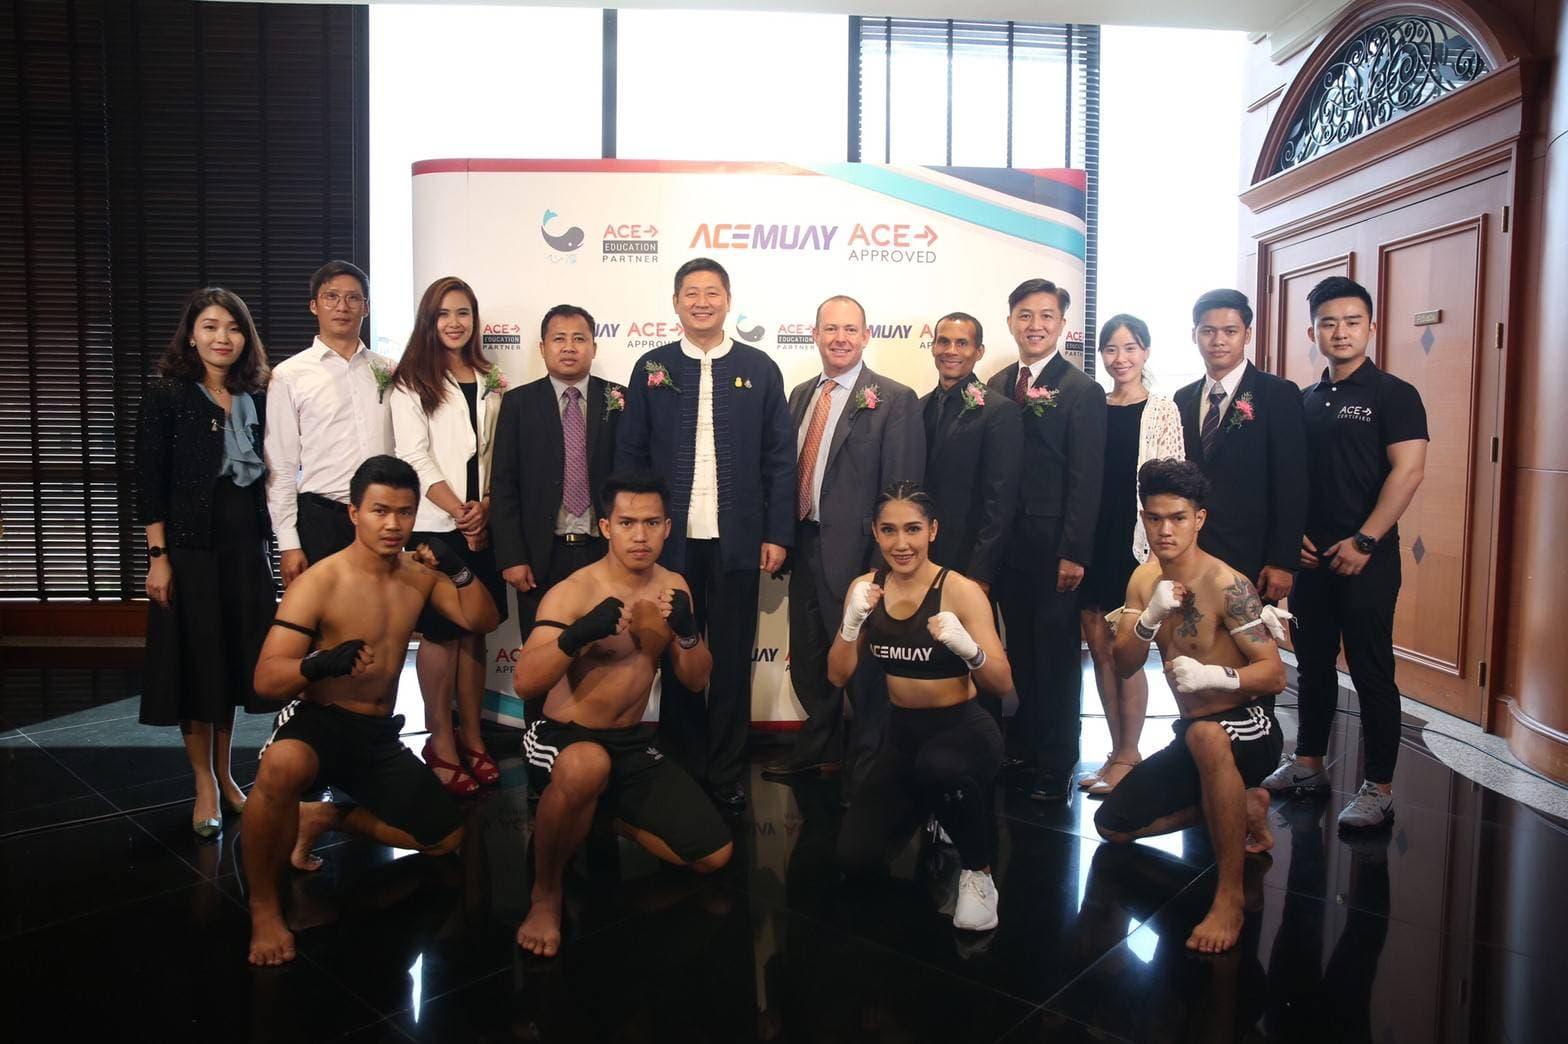 """""""ซิน ชุน เวลเนส""""ทุ่ม 500 ล้านเปิดสถาบันกีฬา-ฟิตเนส-โรงเรียนมวยไทยมาตรฐาน ACE"""